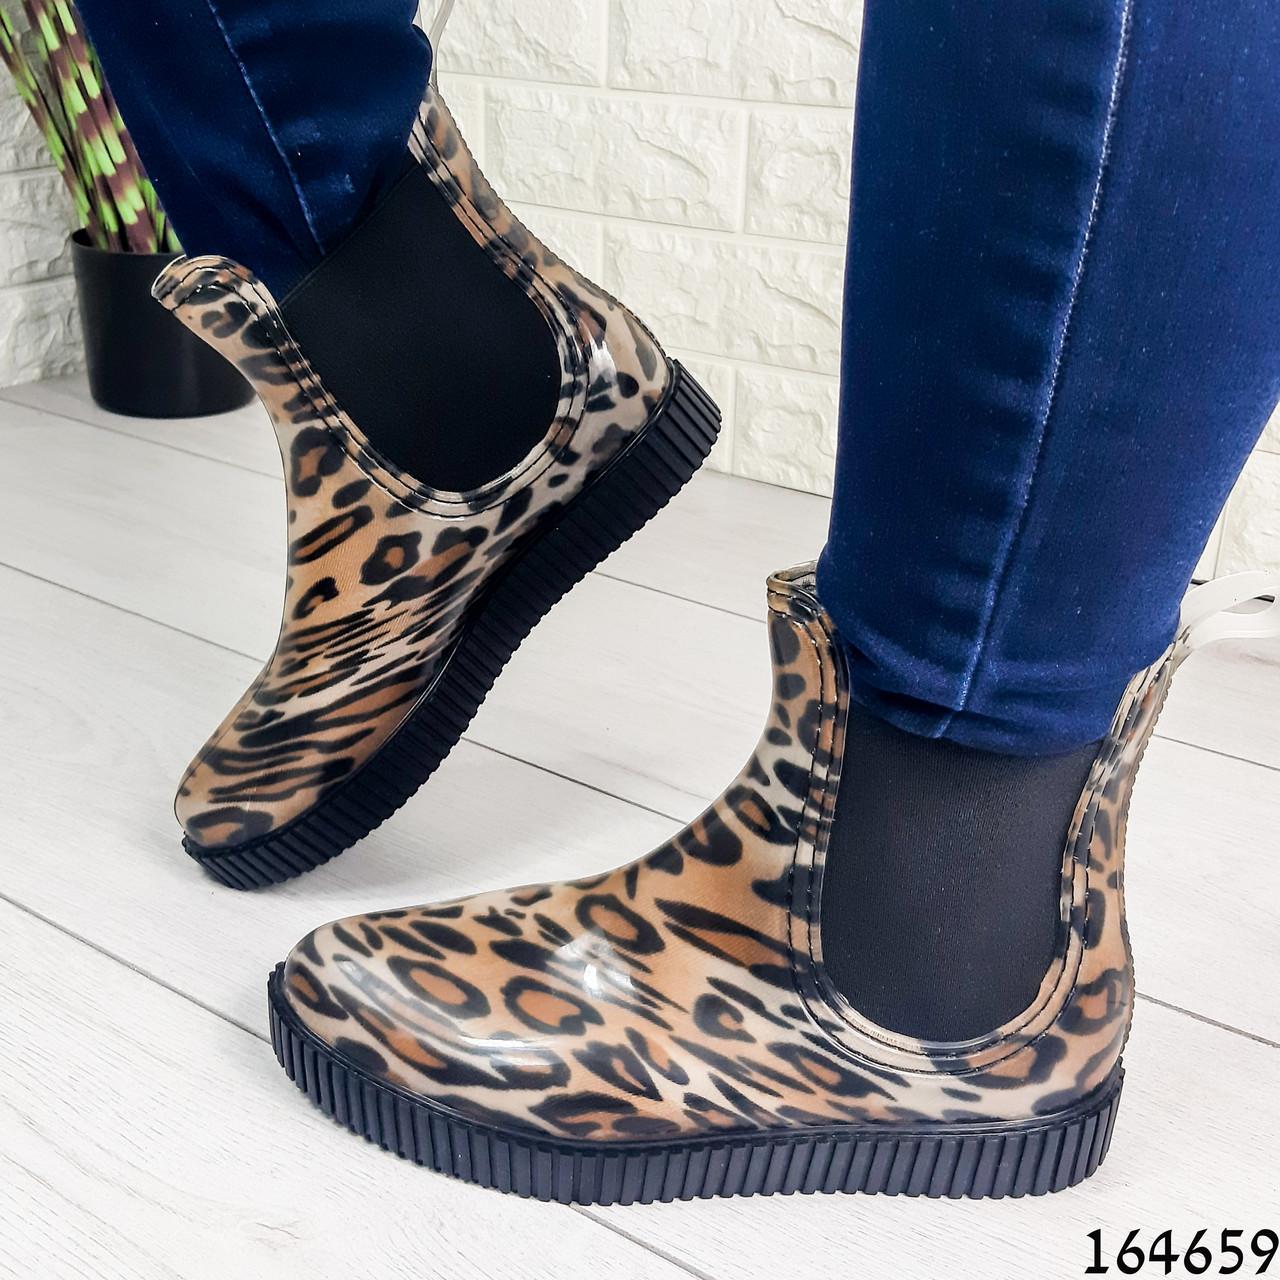 Женские ботинки демисезонные литые, леопардовые из резины